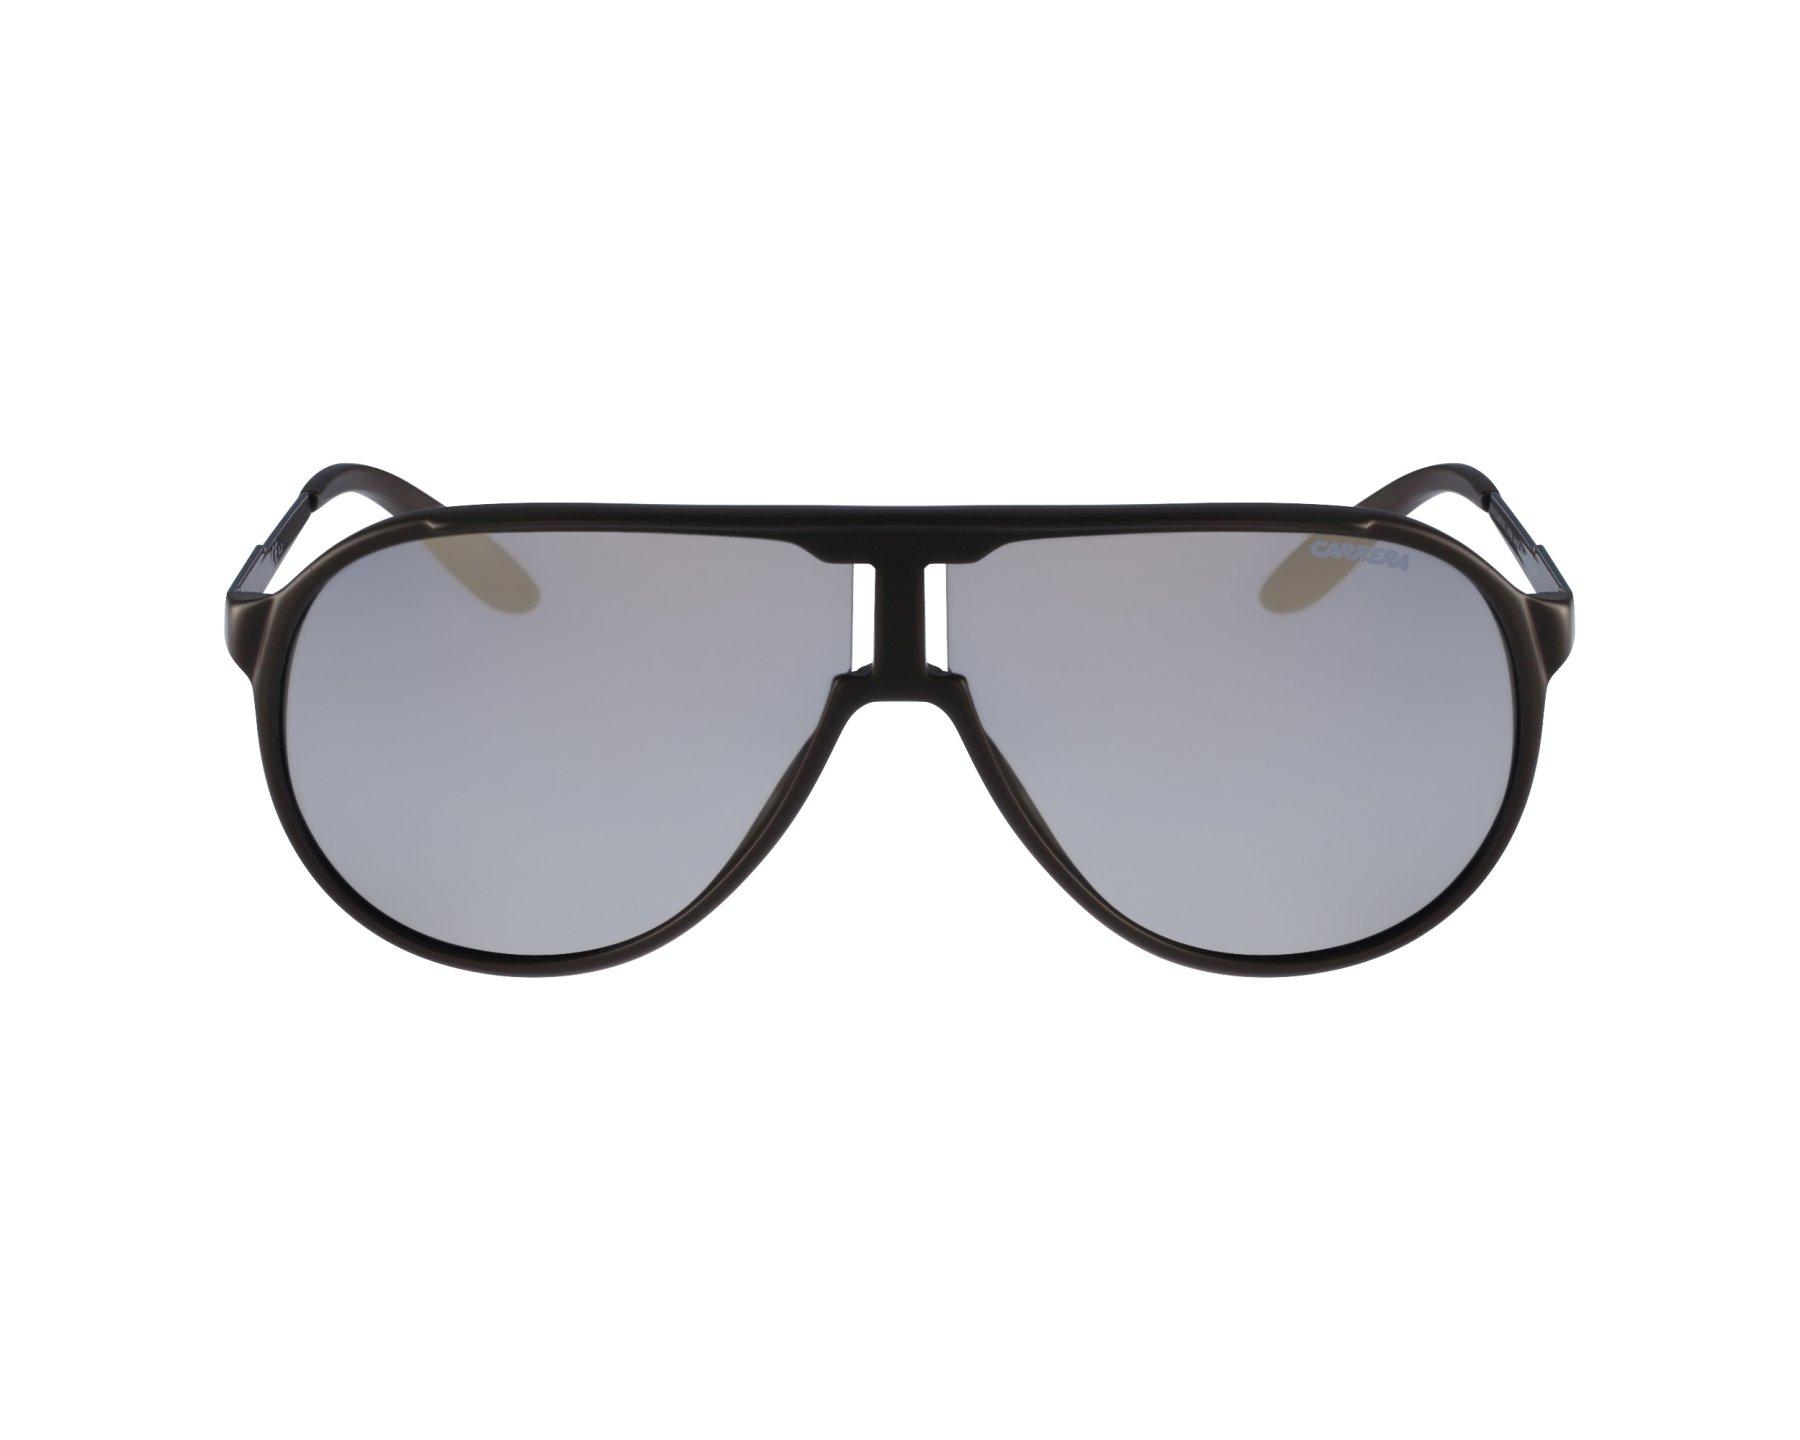 4b503da9b8 Gafas de sol Carrera New-Champion-L 8H7/MV - Marrón Negra vista